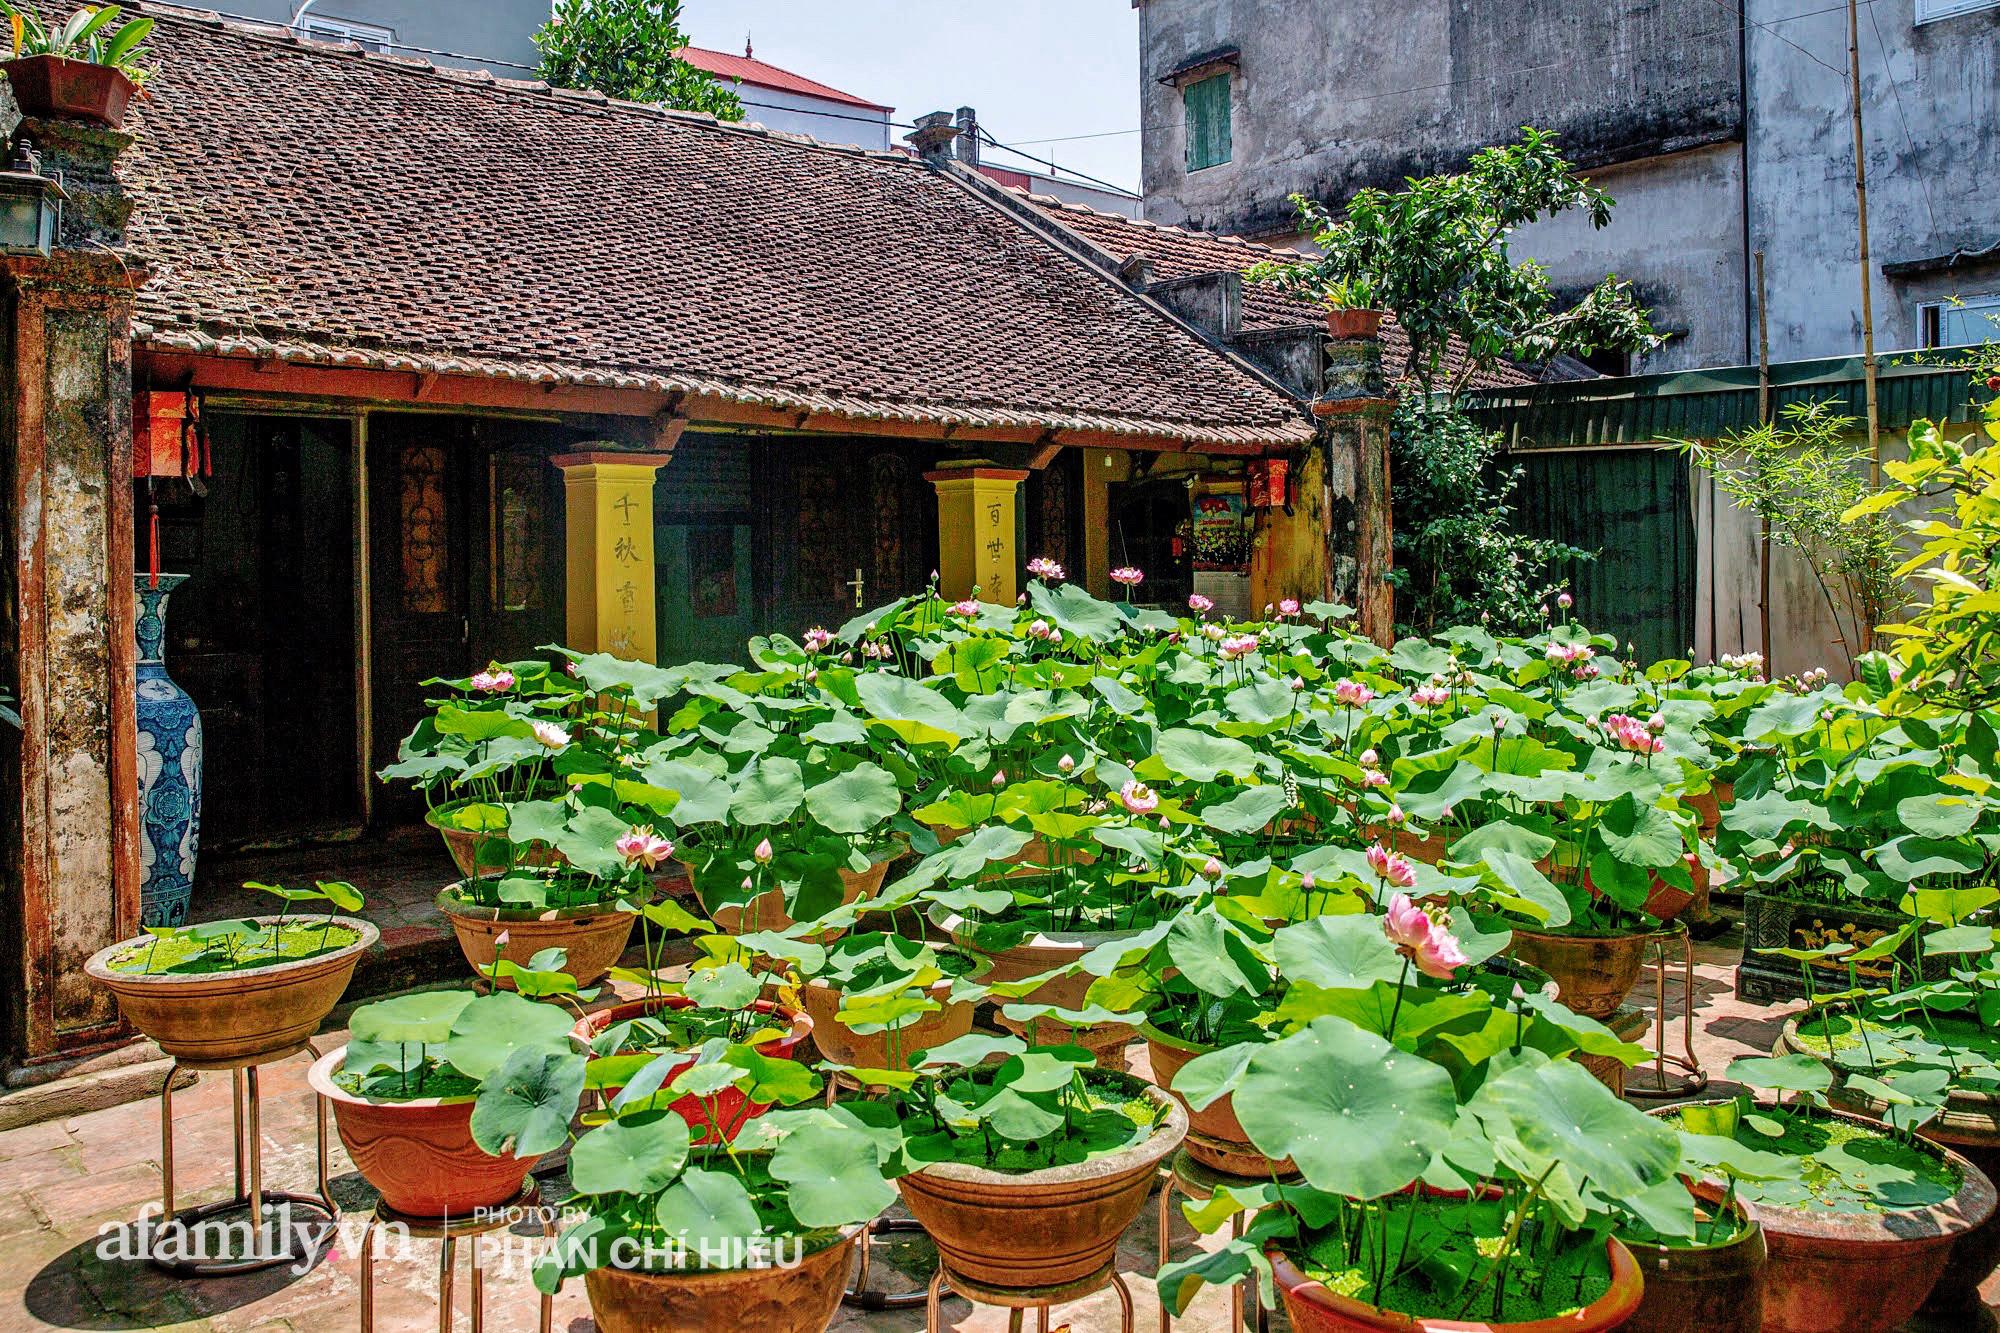 Độc đáo với thú chơi sen cung đình Huế tại Hà Nội, nở hoa tuyệt đẹp giữa ngôi nhà cổ trăm năm tuổi khiến bao người mê mẩn - Ảnh 14.